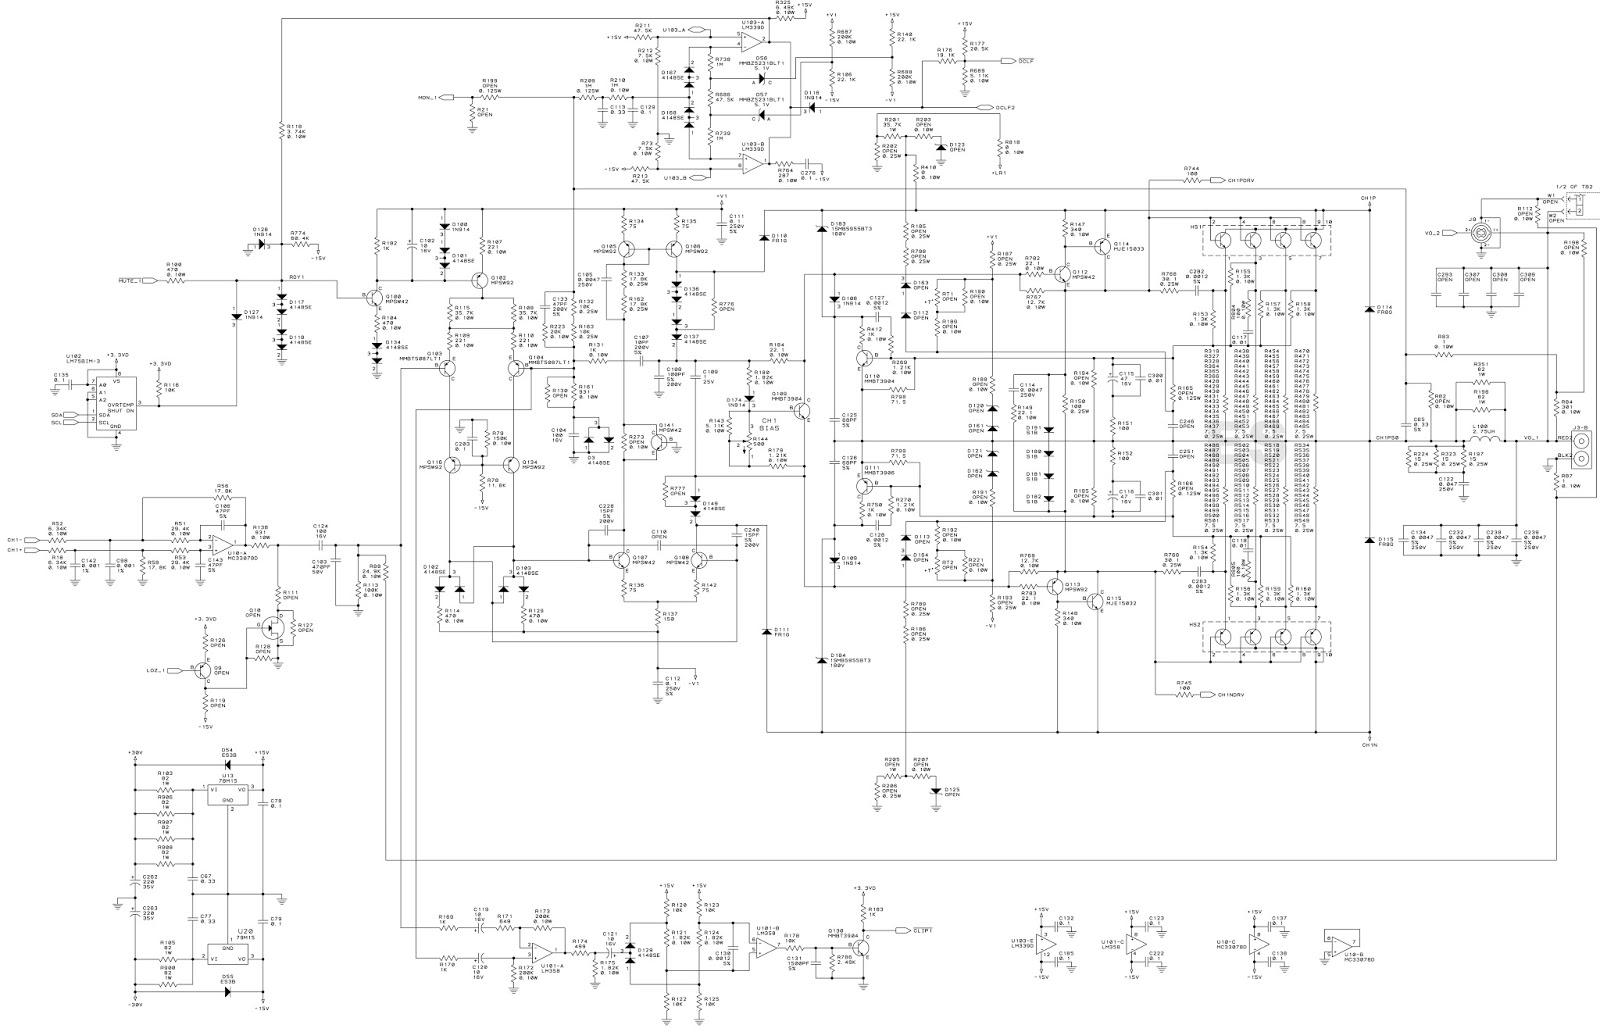 crown xti 6000 schematics